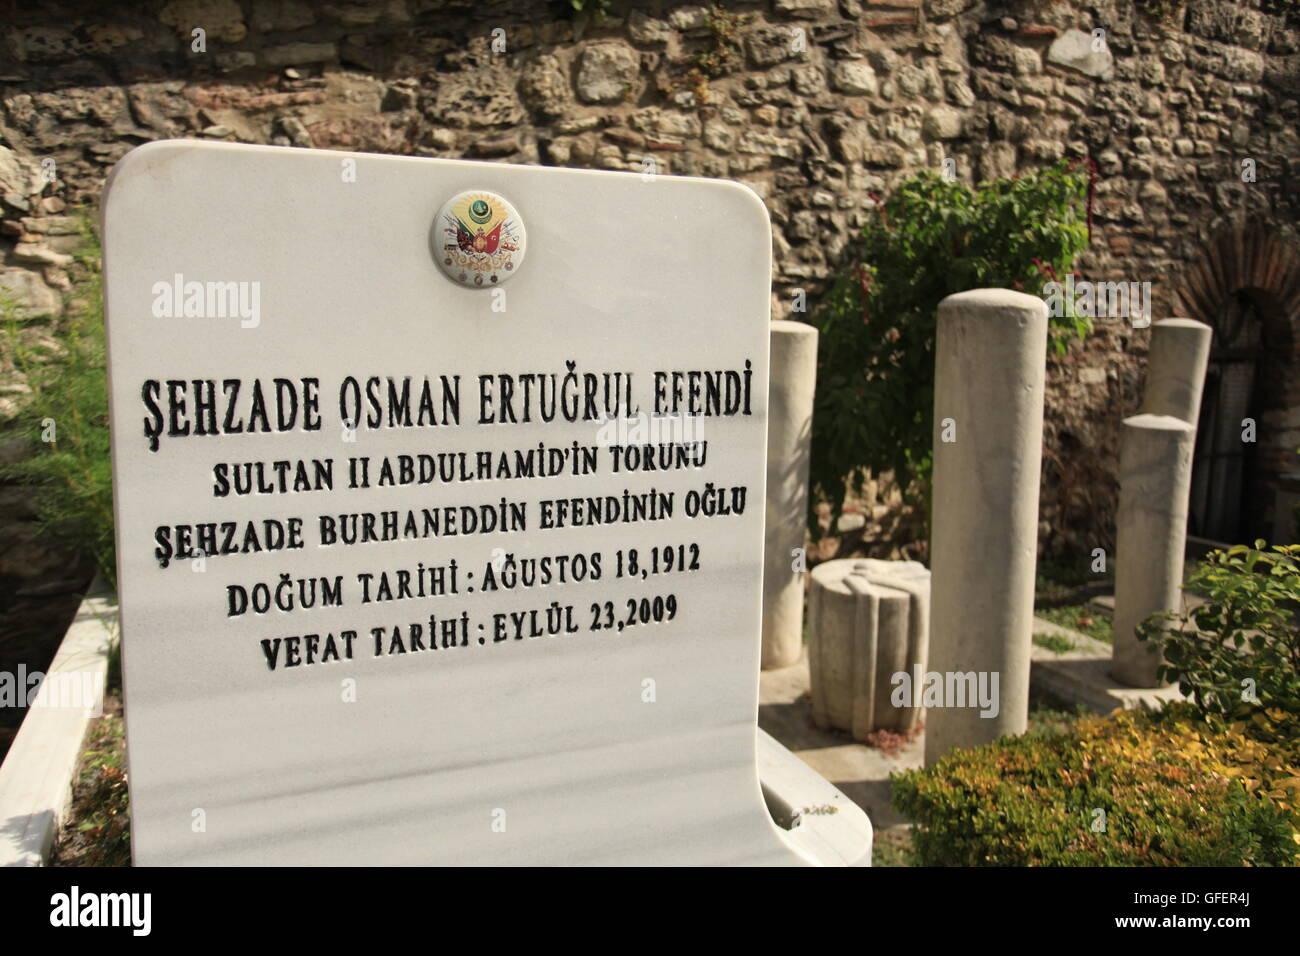 The grave of Ertuğrul Osman / Osman Ertuğrul Osmanoglu, an